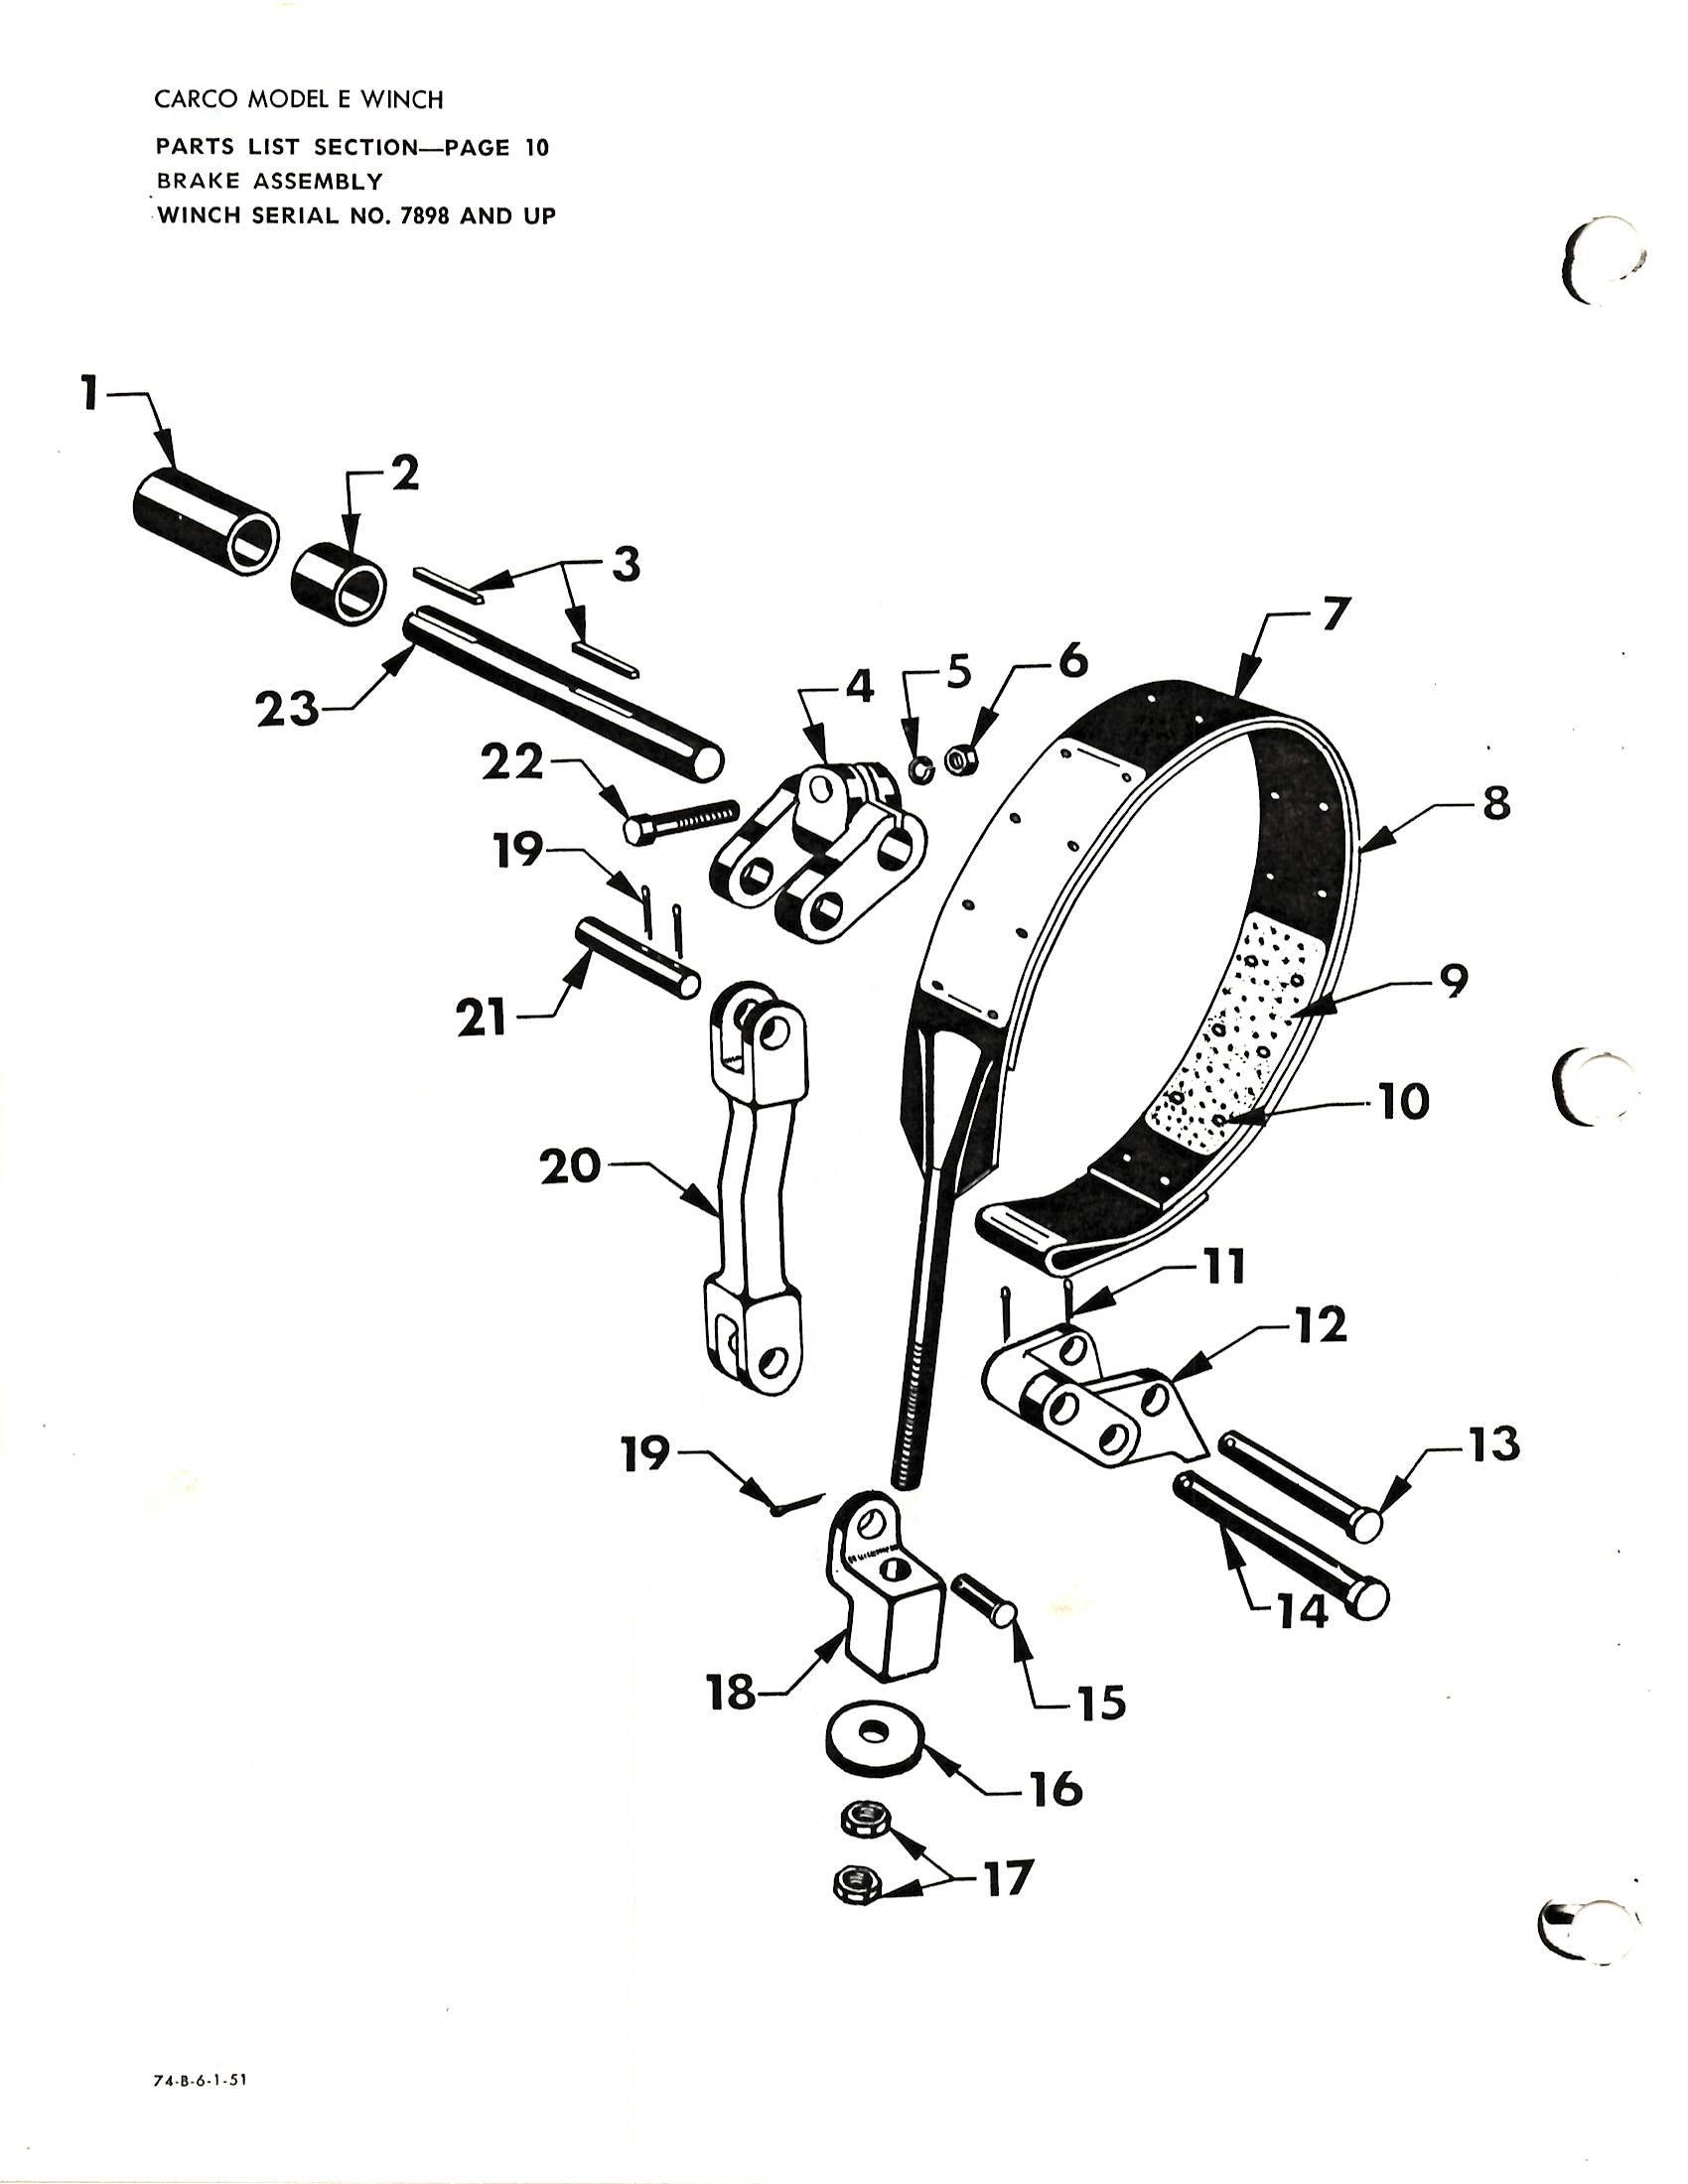 master lock winch wiring diagram online wiring diagram Winch Solenoid Wiring Diagram superwinch winch wiring diagram databasesuperwinch 3500 assembly wiring diagram database master lock winch 2500 winch wiring